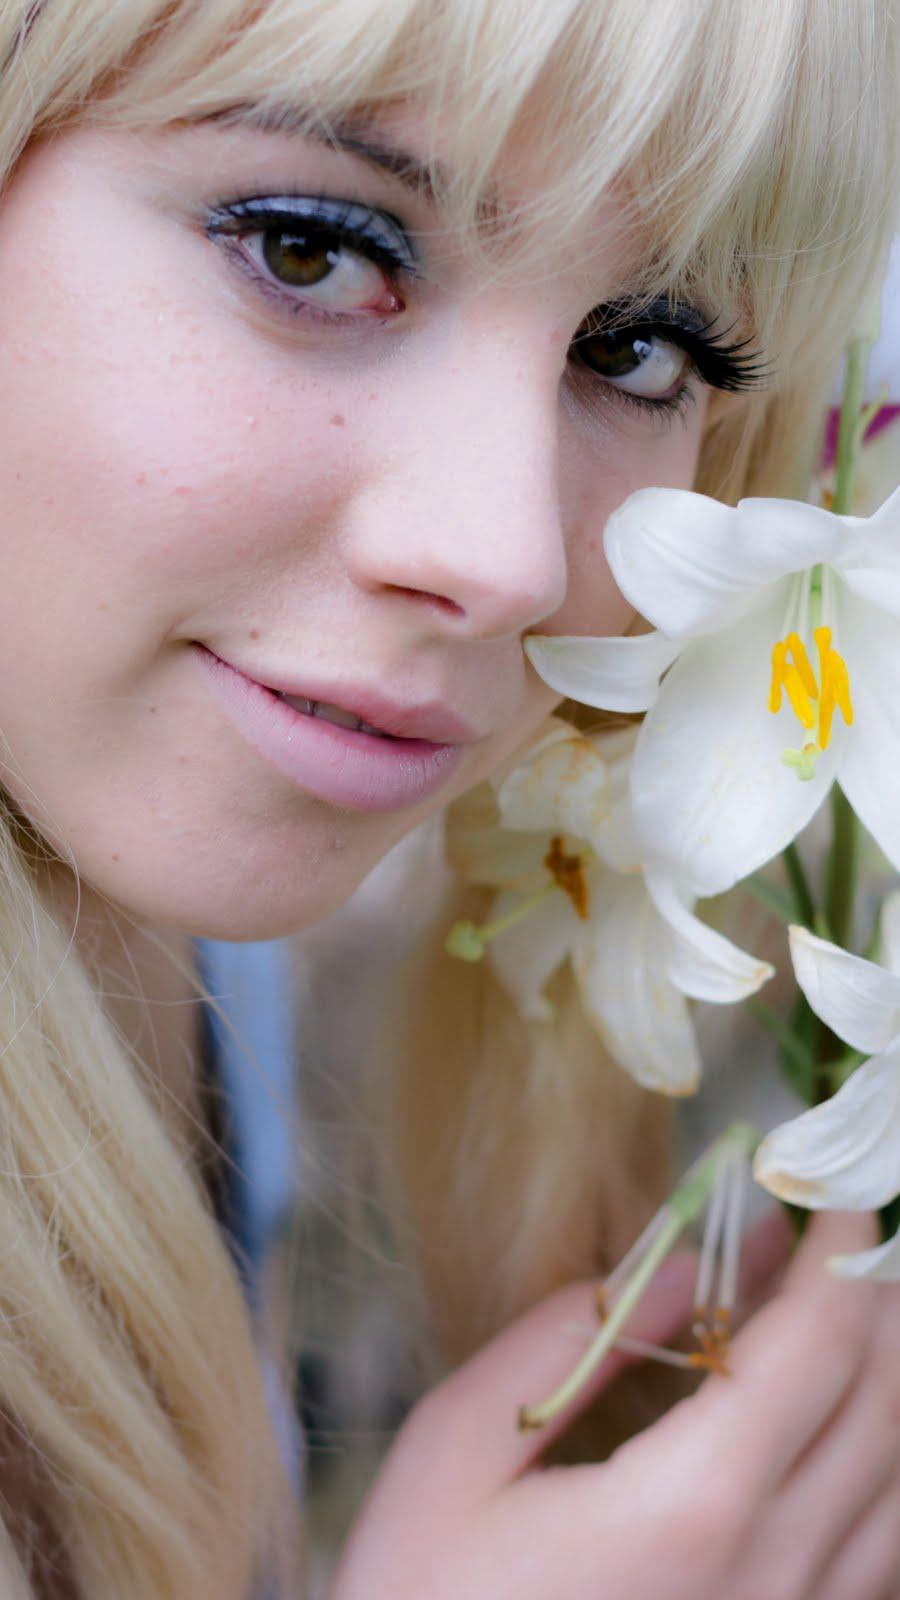 Cherrywa's Profile Picture